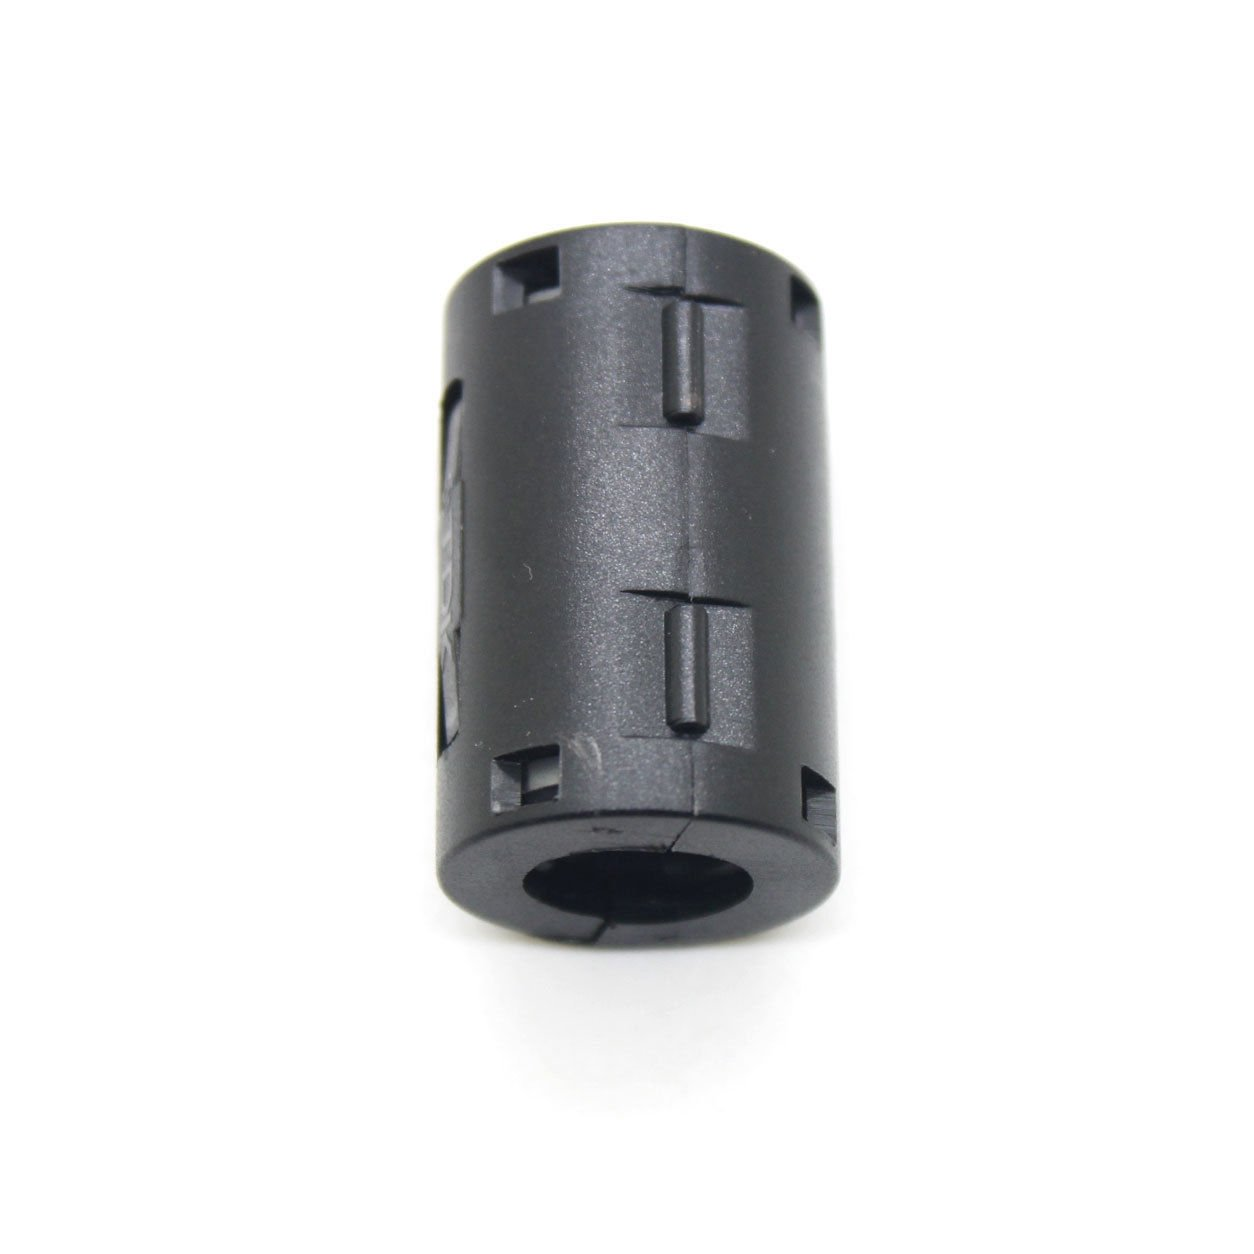 3pcs TDK black Φ11mm Cable Clamp Clip Noise Filters Ferrite Core Case